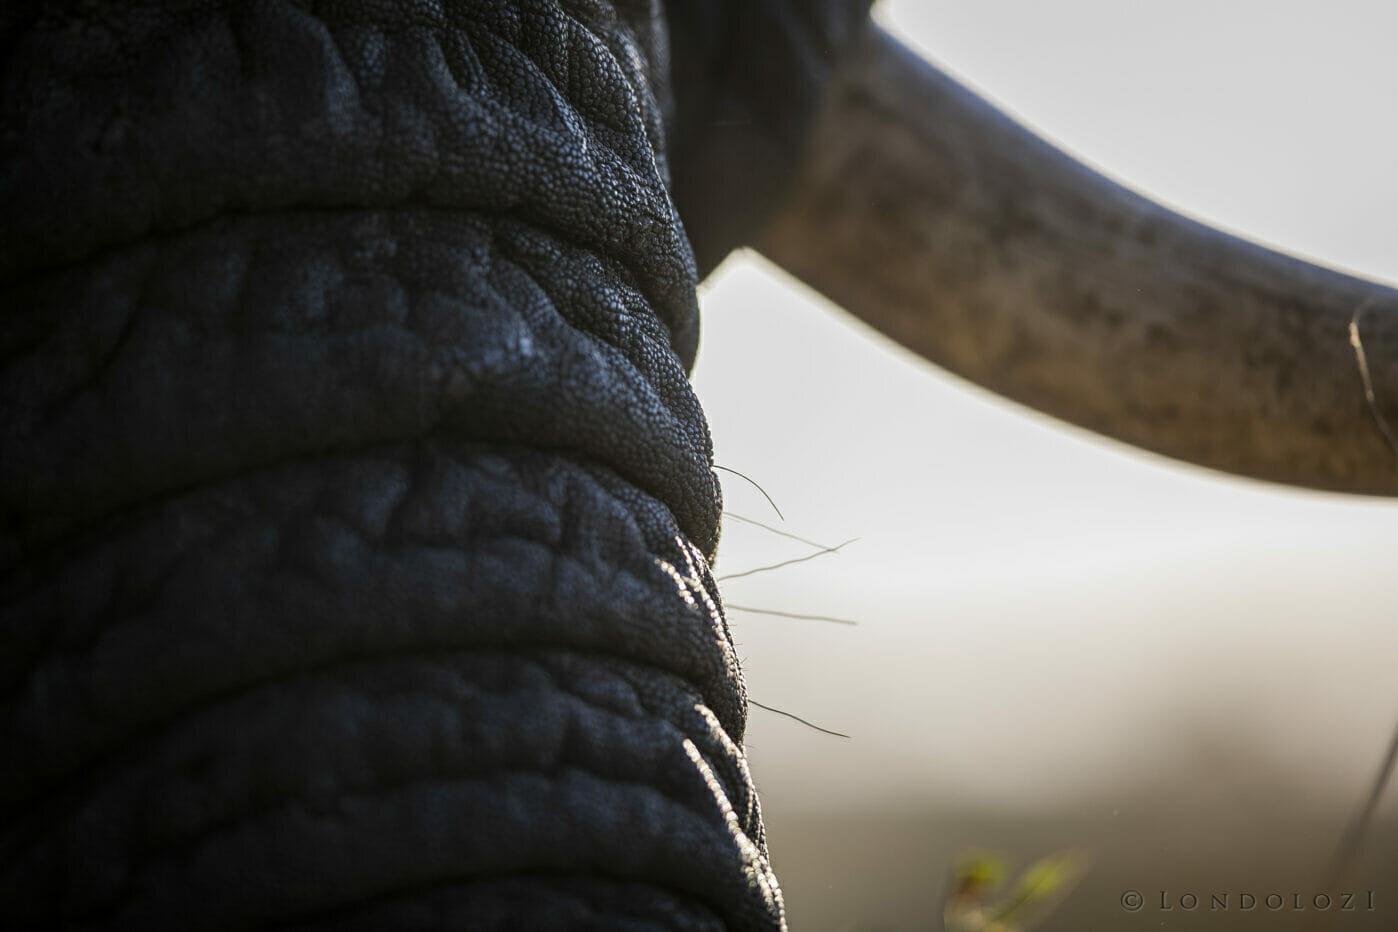 Sdz Elephant Trunk Skin Tusk